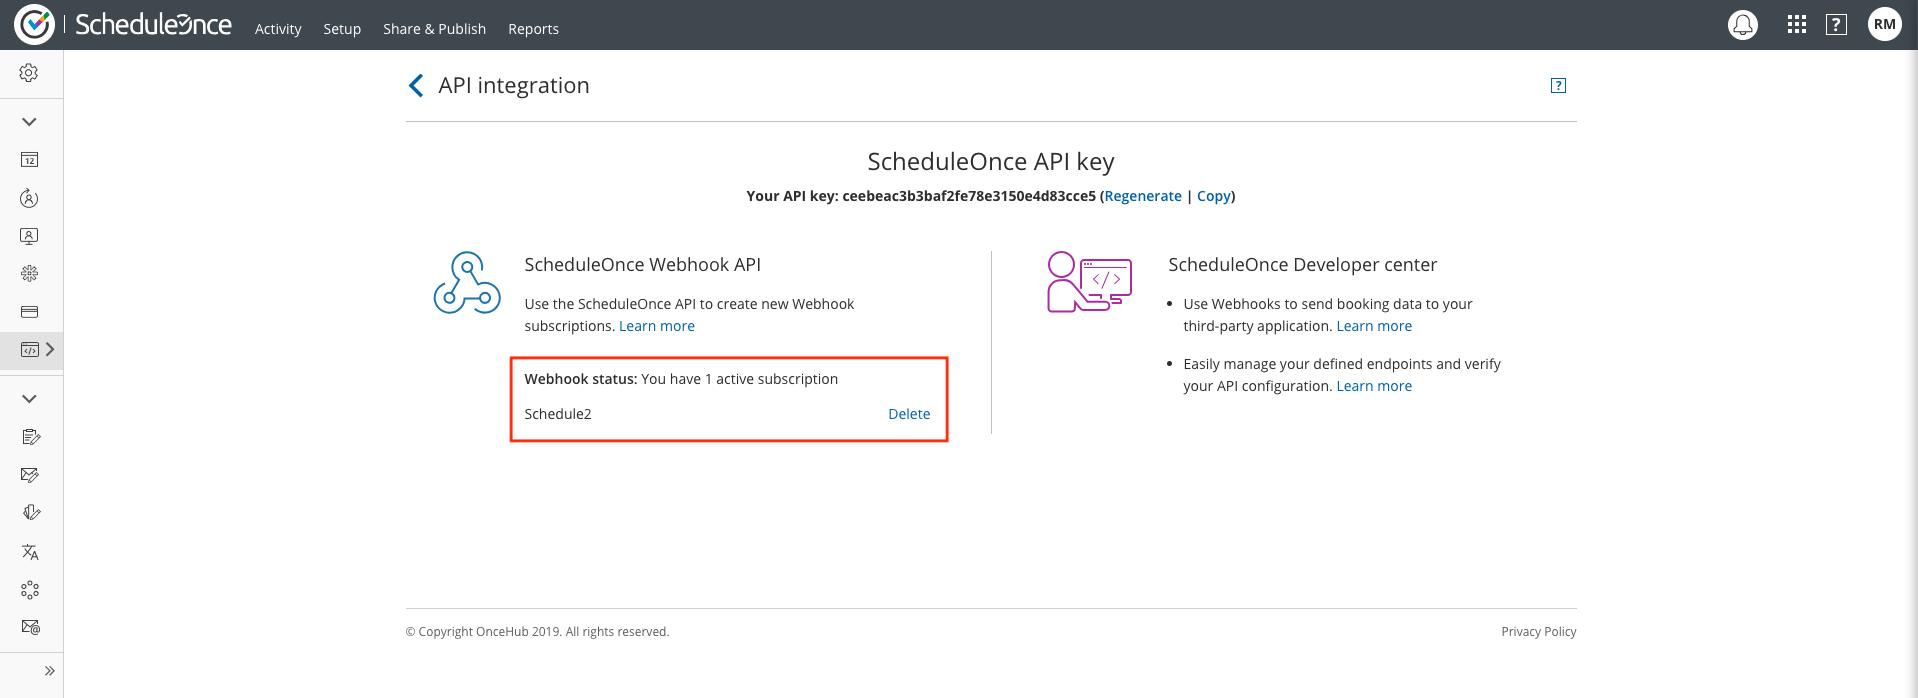 Figure 1: API integration - Webhook subscription list